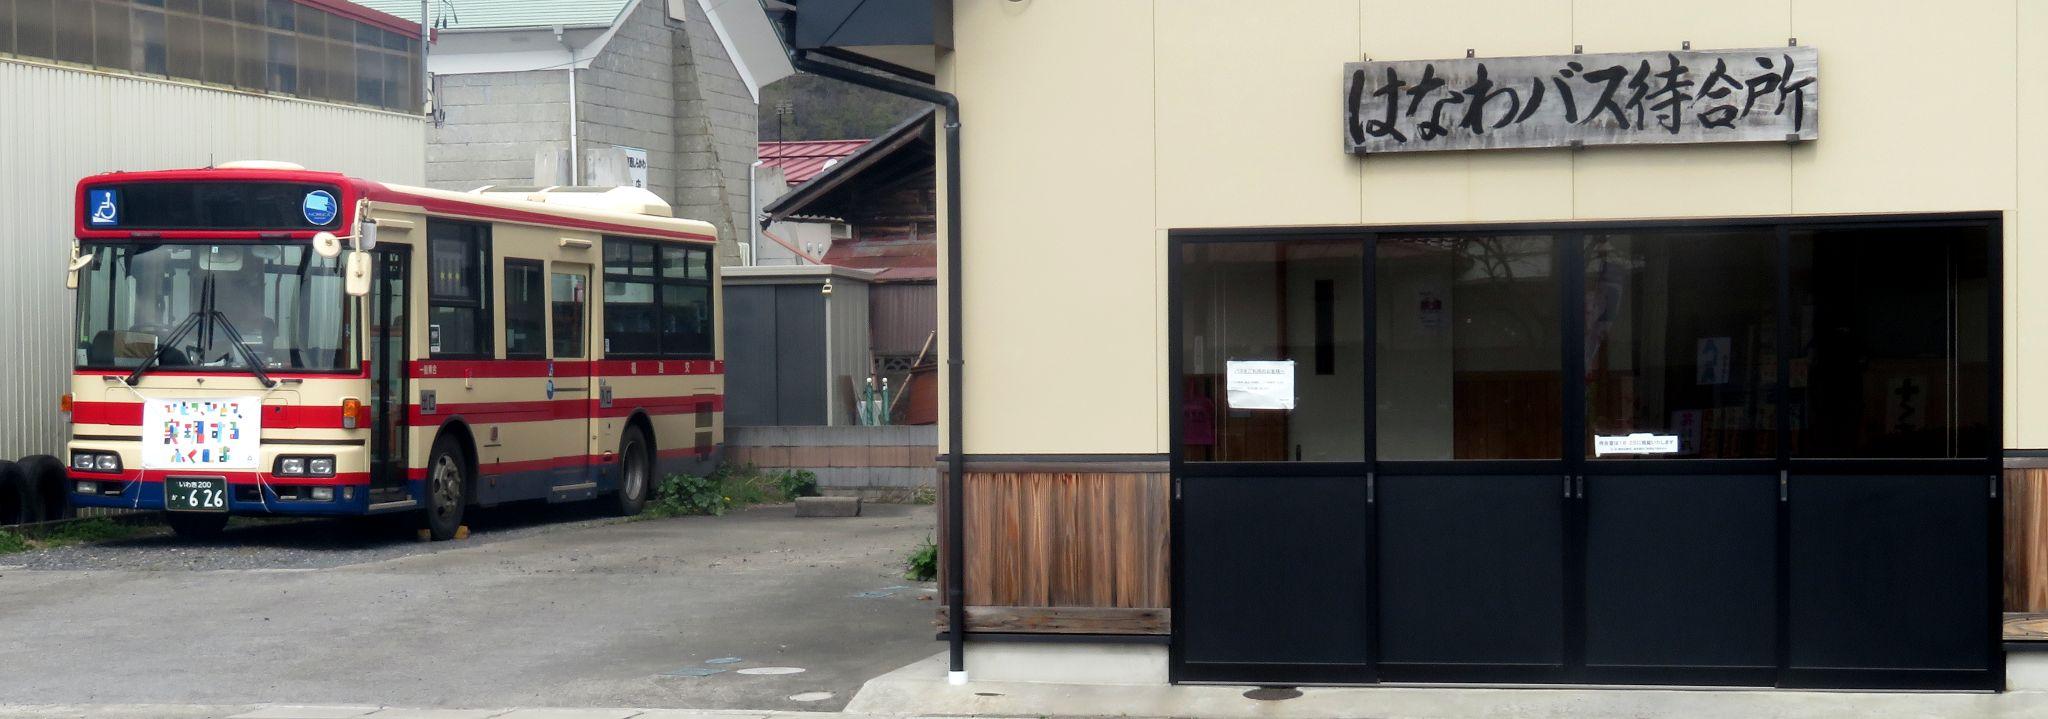 hanawa_0.jpg